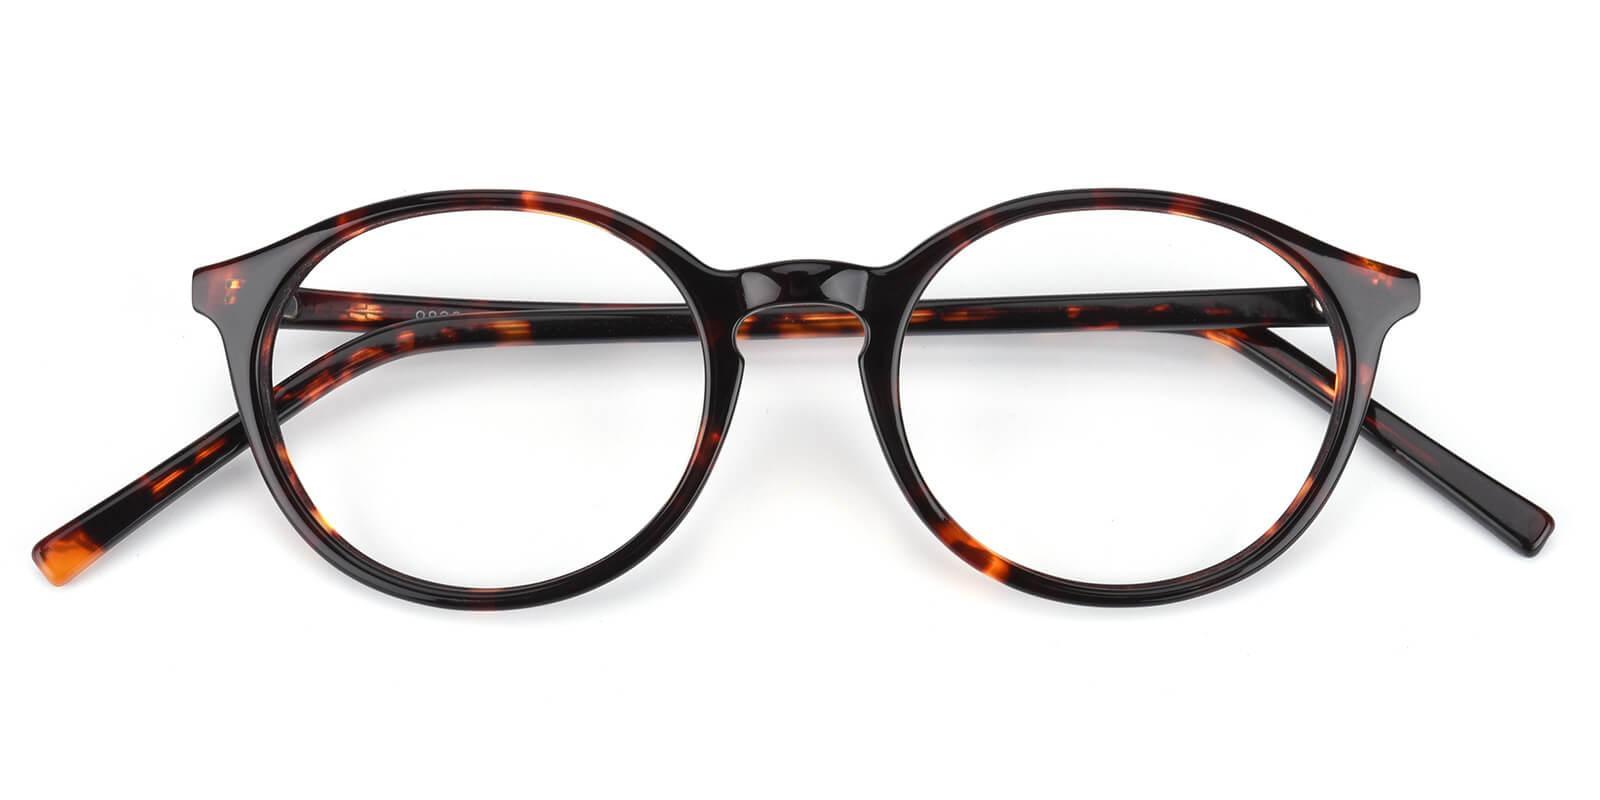 Herbel-Tortoise-Round-Acetate-Eyeglasses-detail